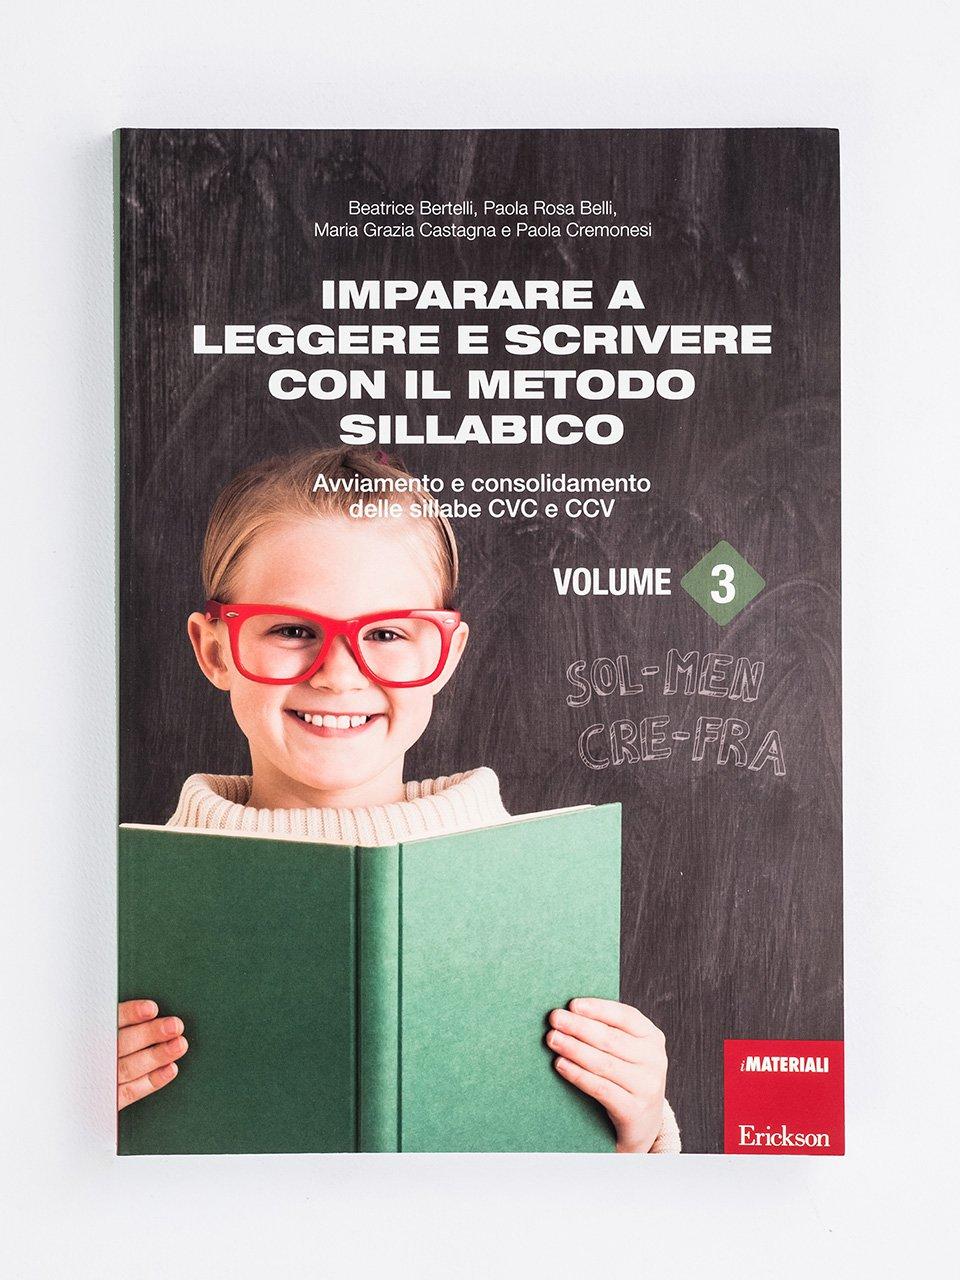 Imparare a leggere e scrivere con il metodo sillabico - Volume 3 - Le difficoltà di letto-scrittura - Volume 2 - Libri - Strumenti - Erickson